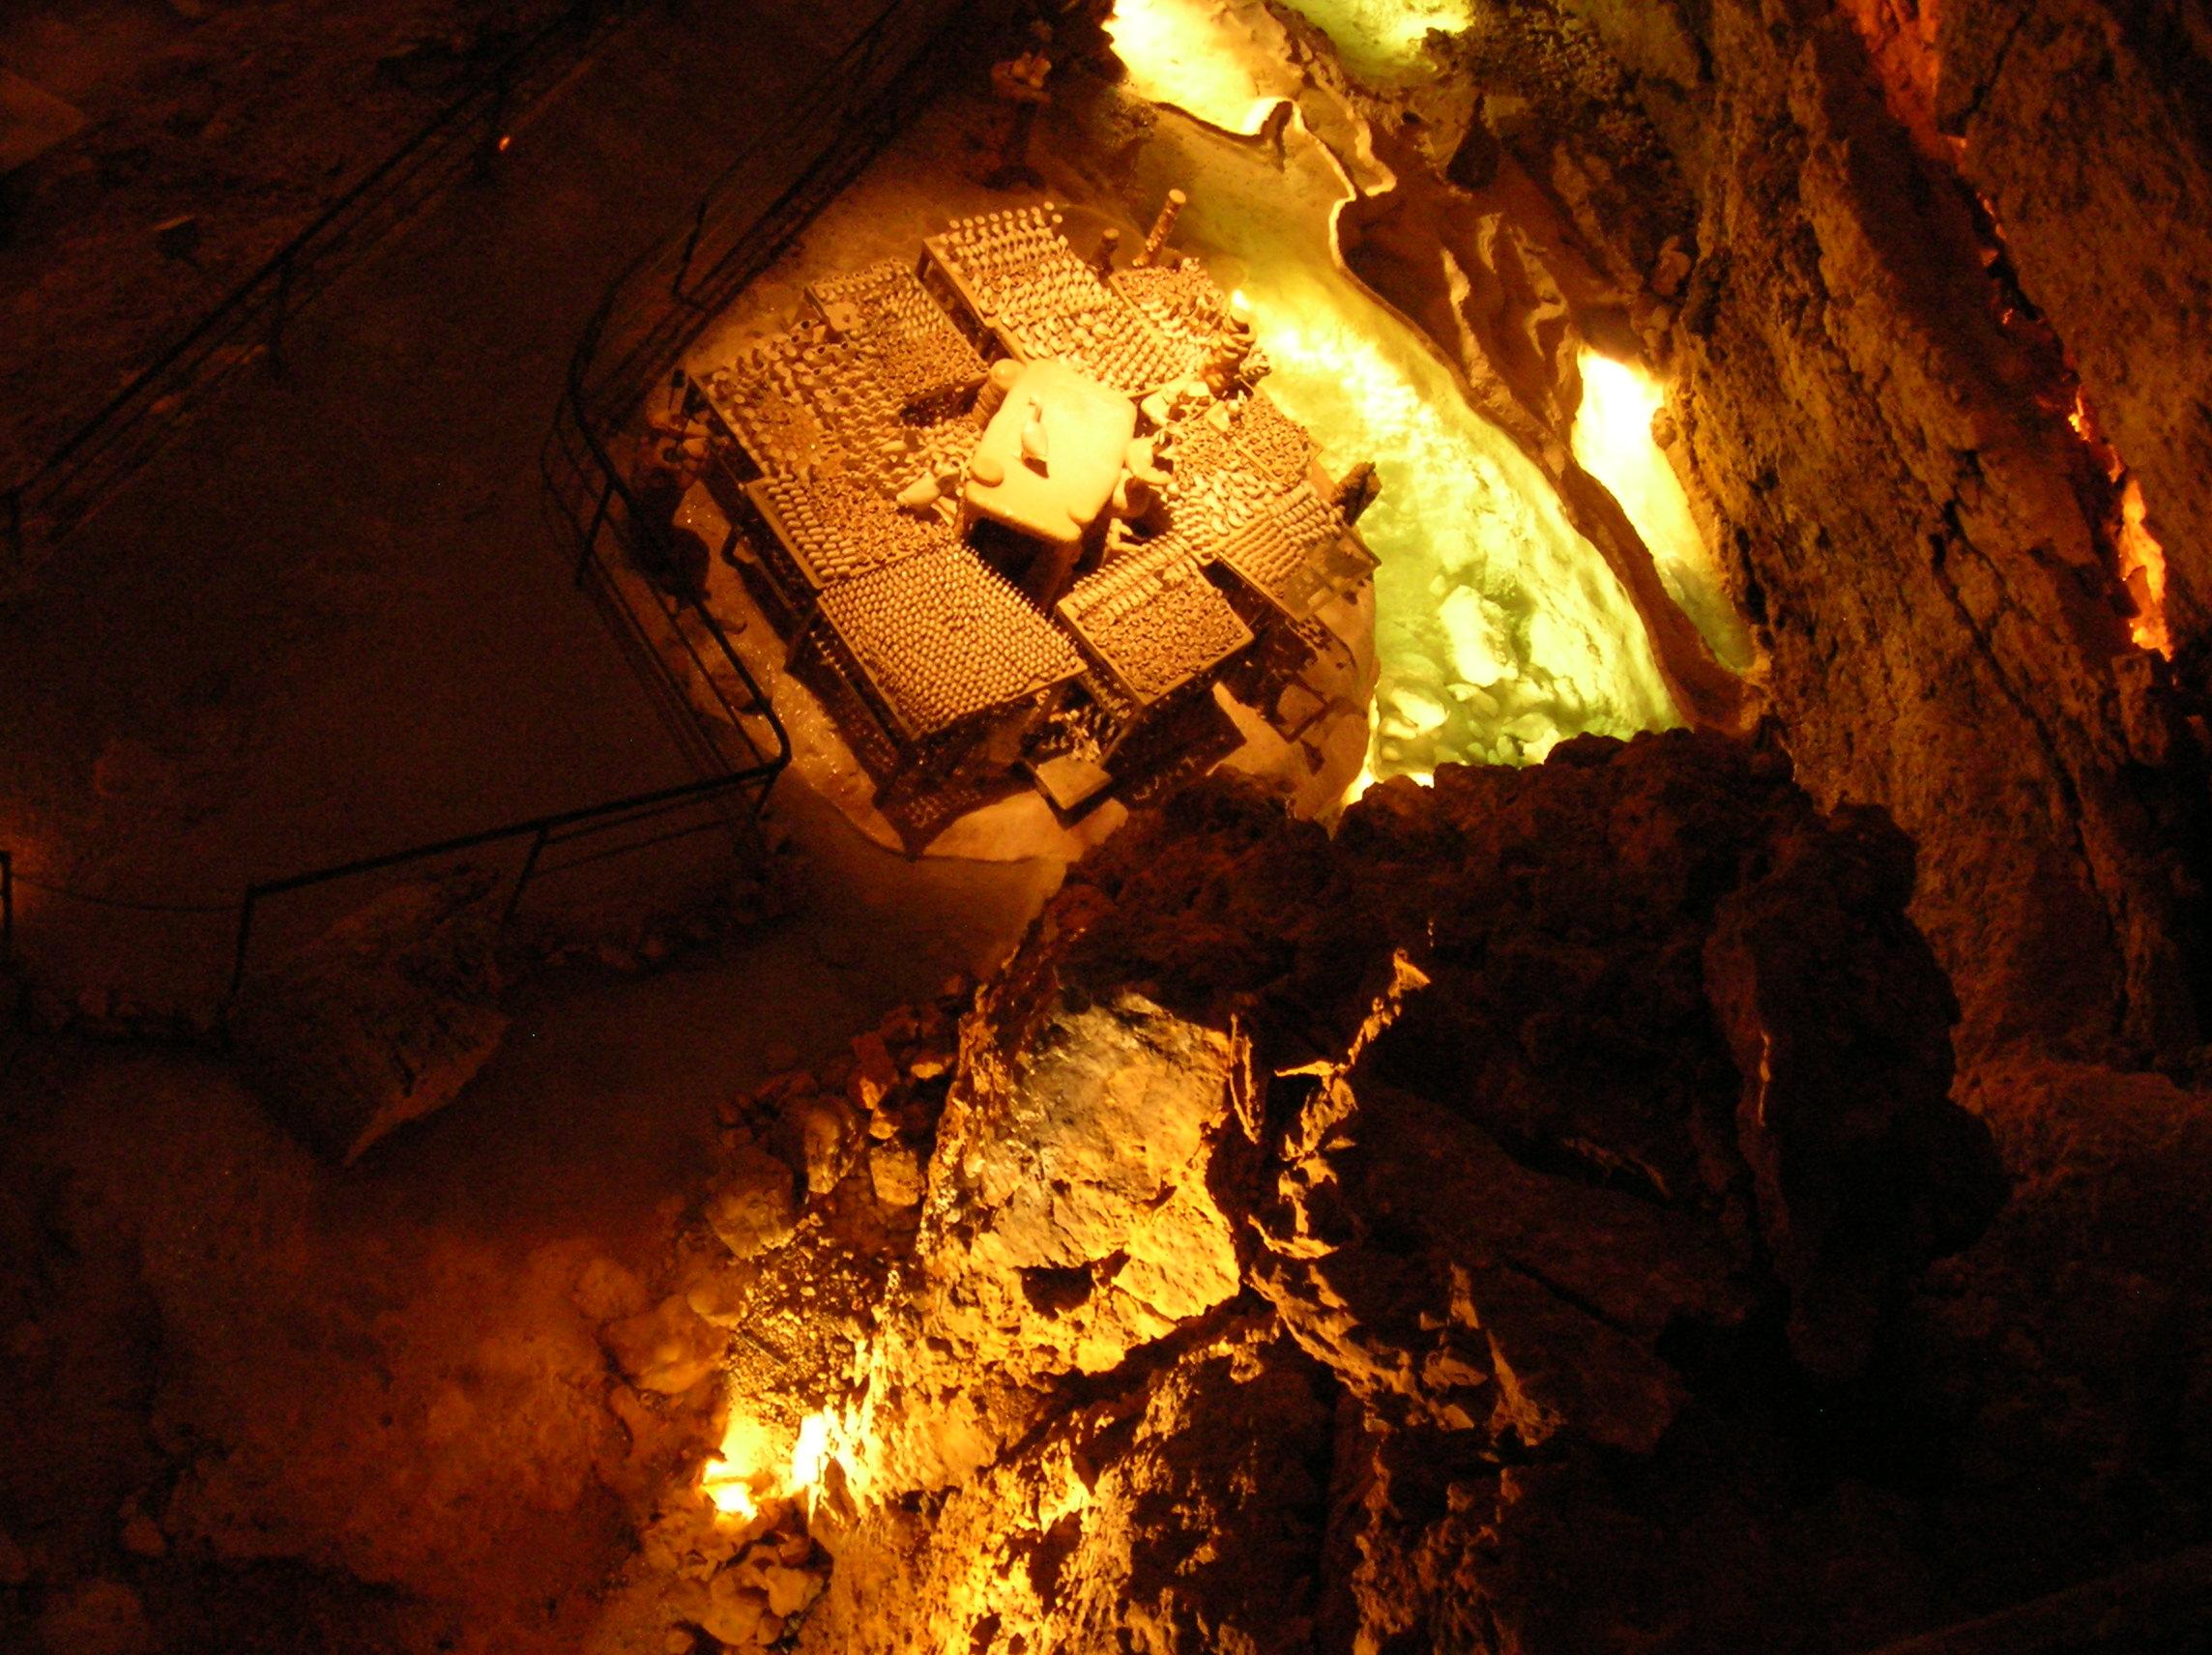 2galement appelé la « cathédrale de cristal », le gouffre de Proumeyssac possède une table de poteries très particulière